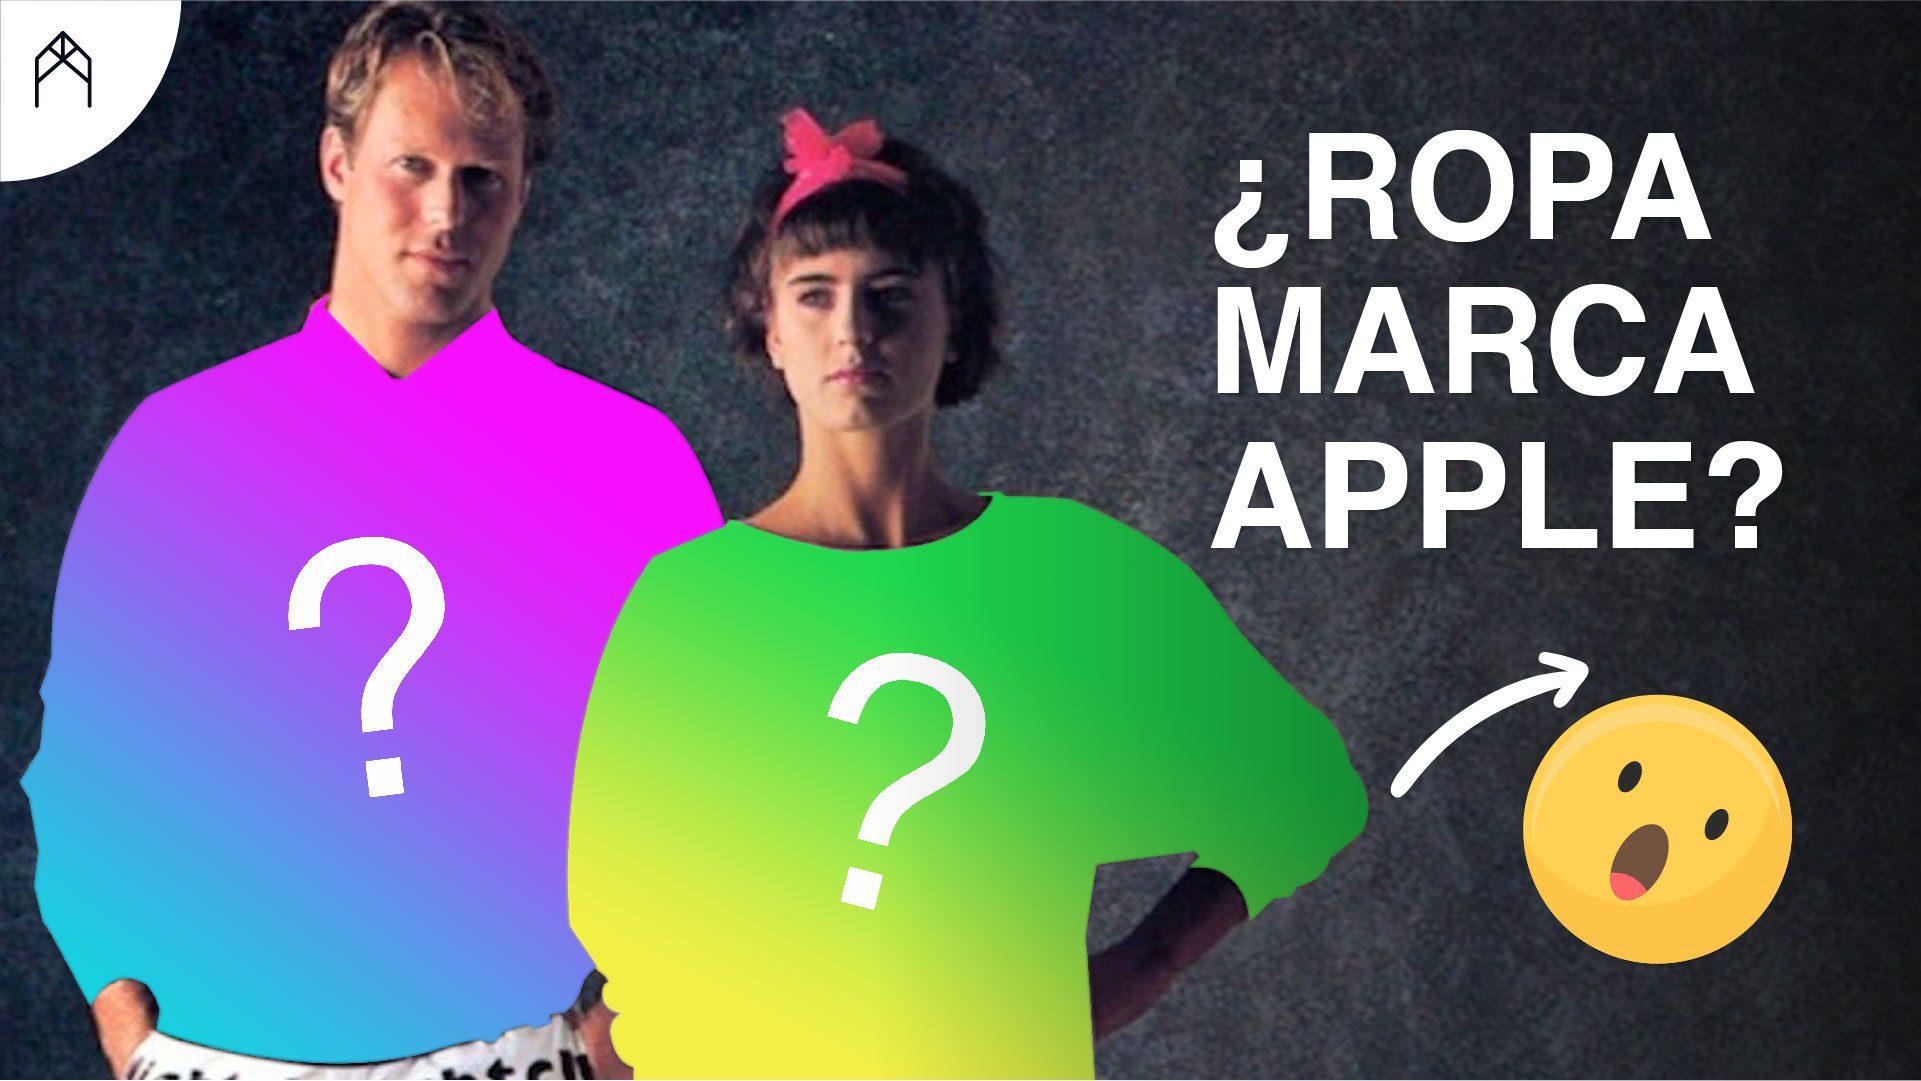 Apple sacó su propia marca de ropa